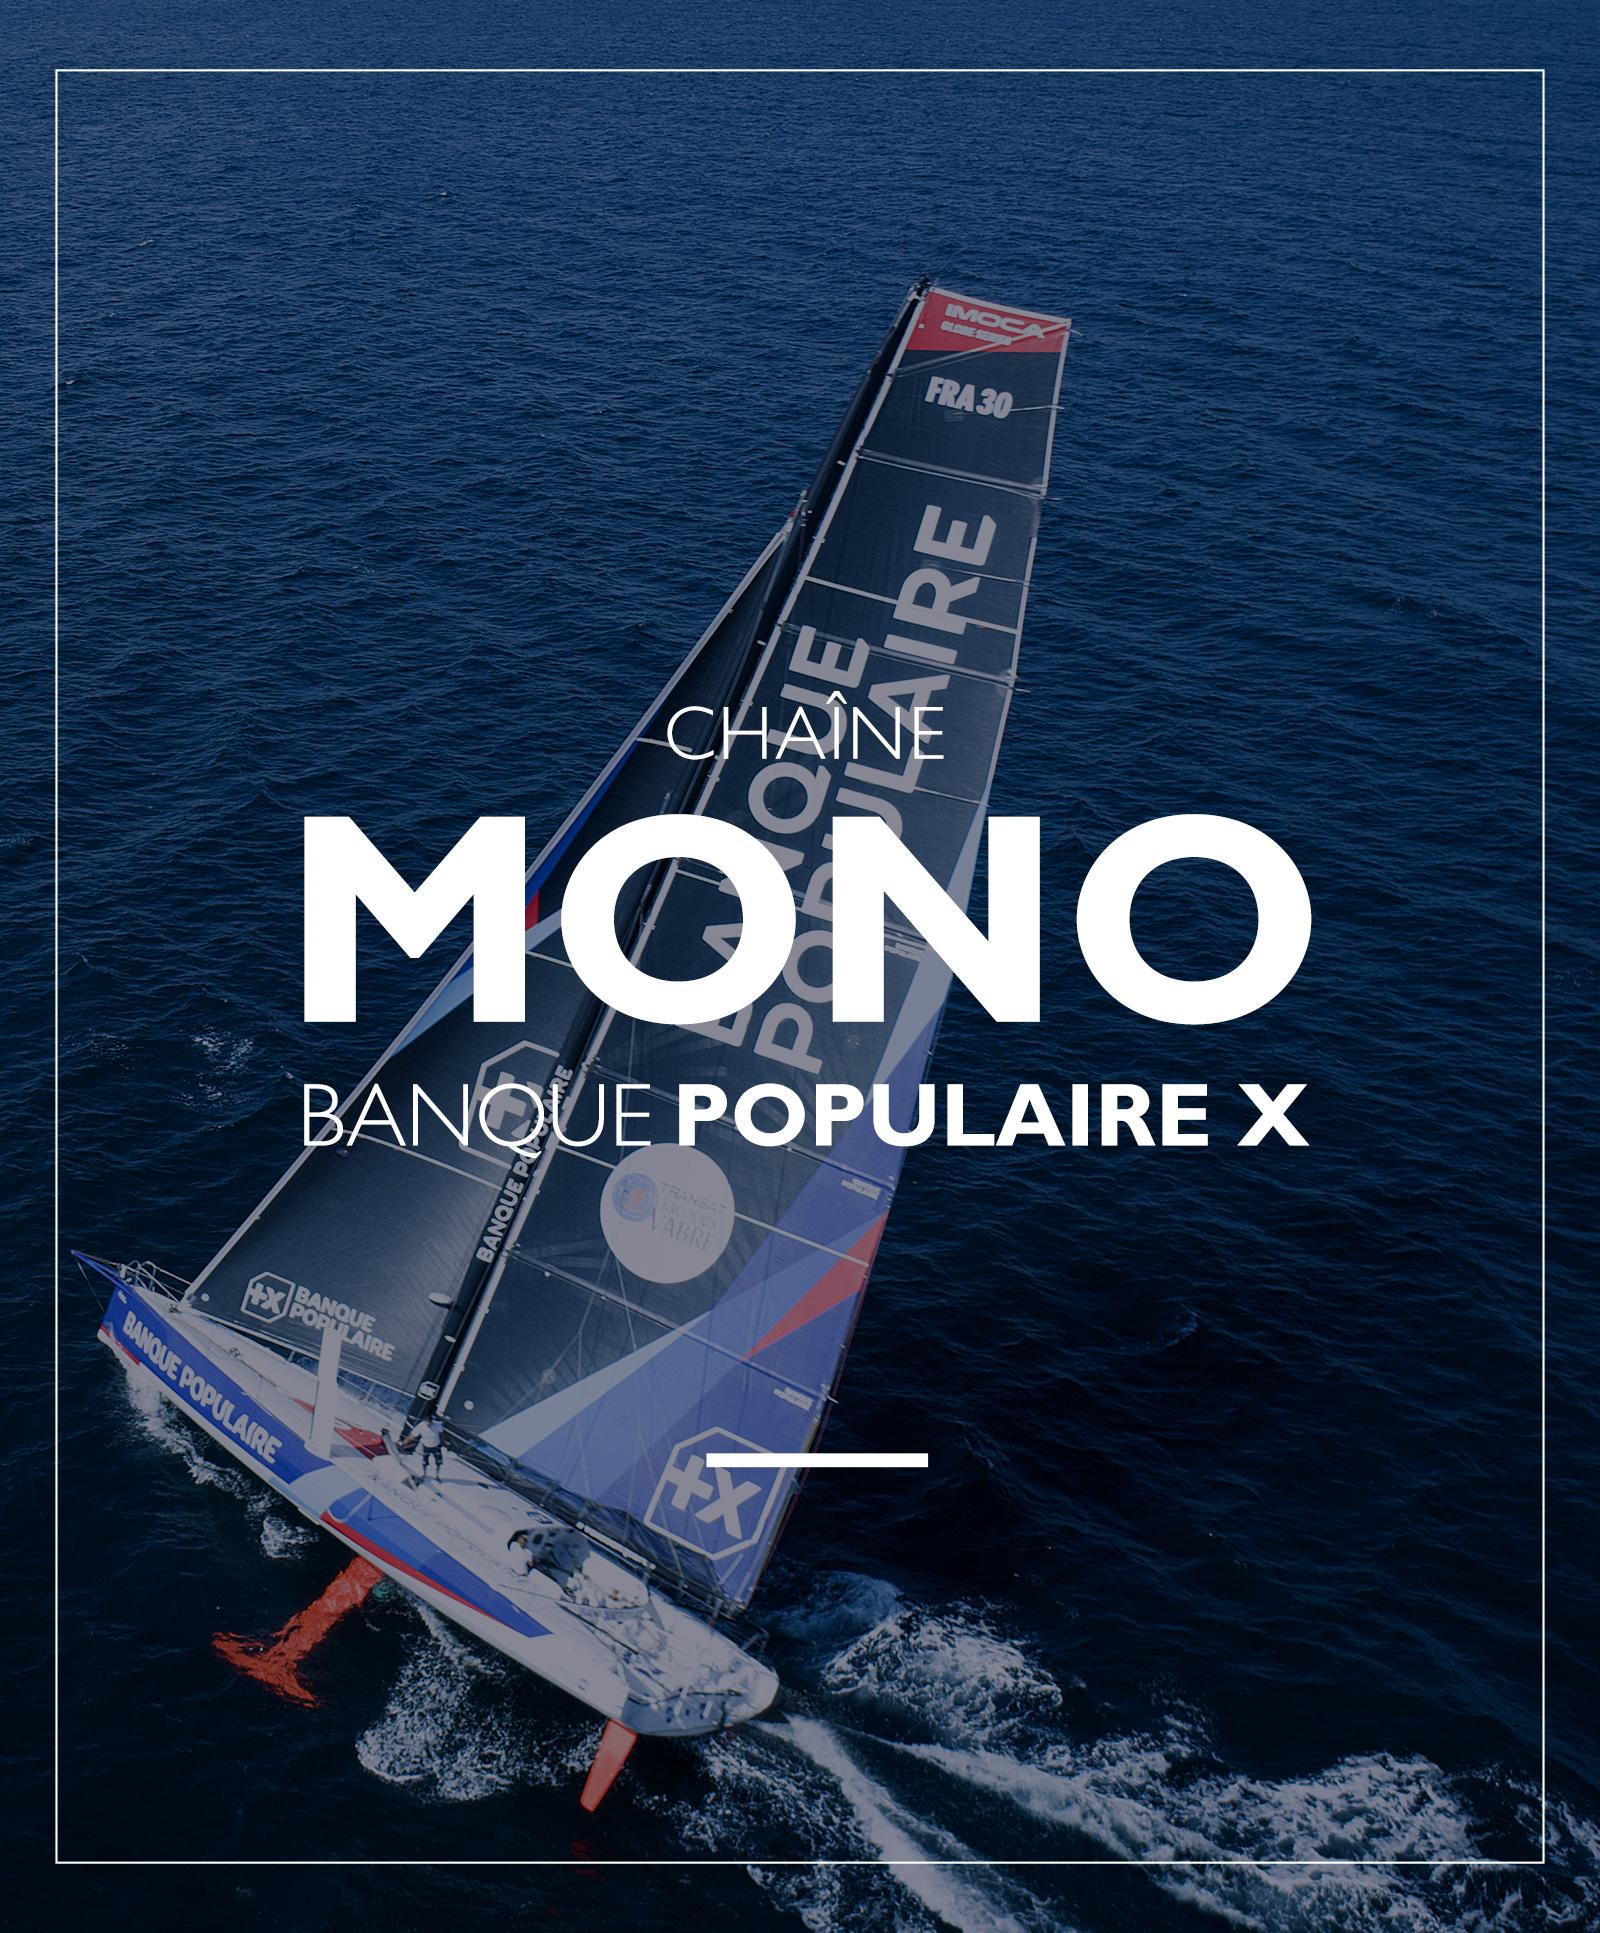 chaine MONO BANQUE POPULAIRE X